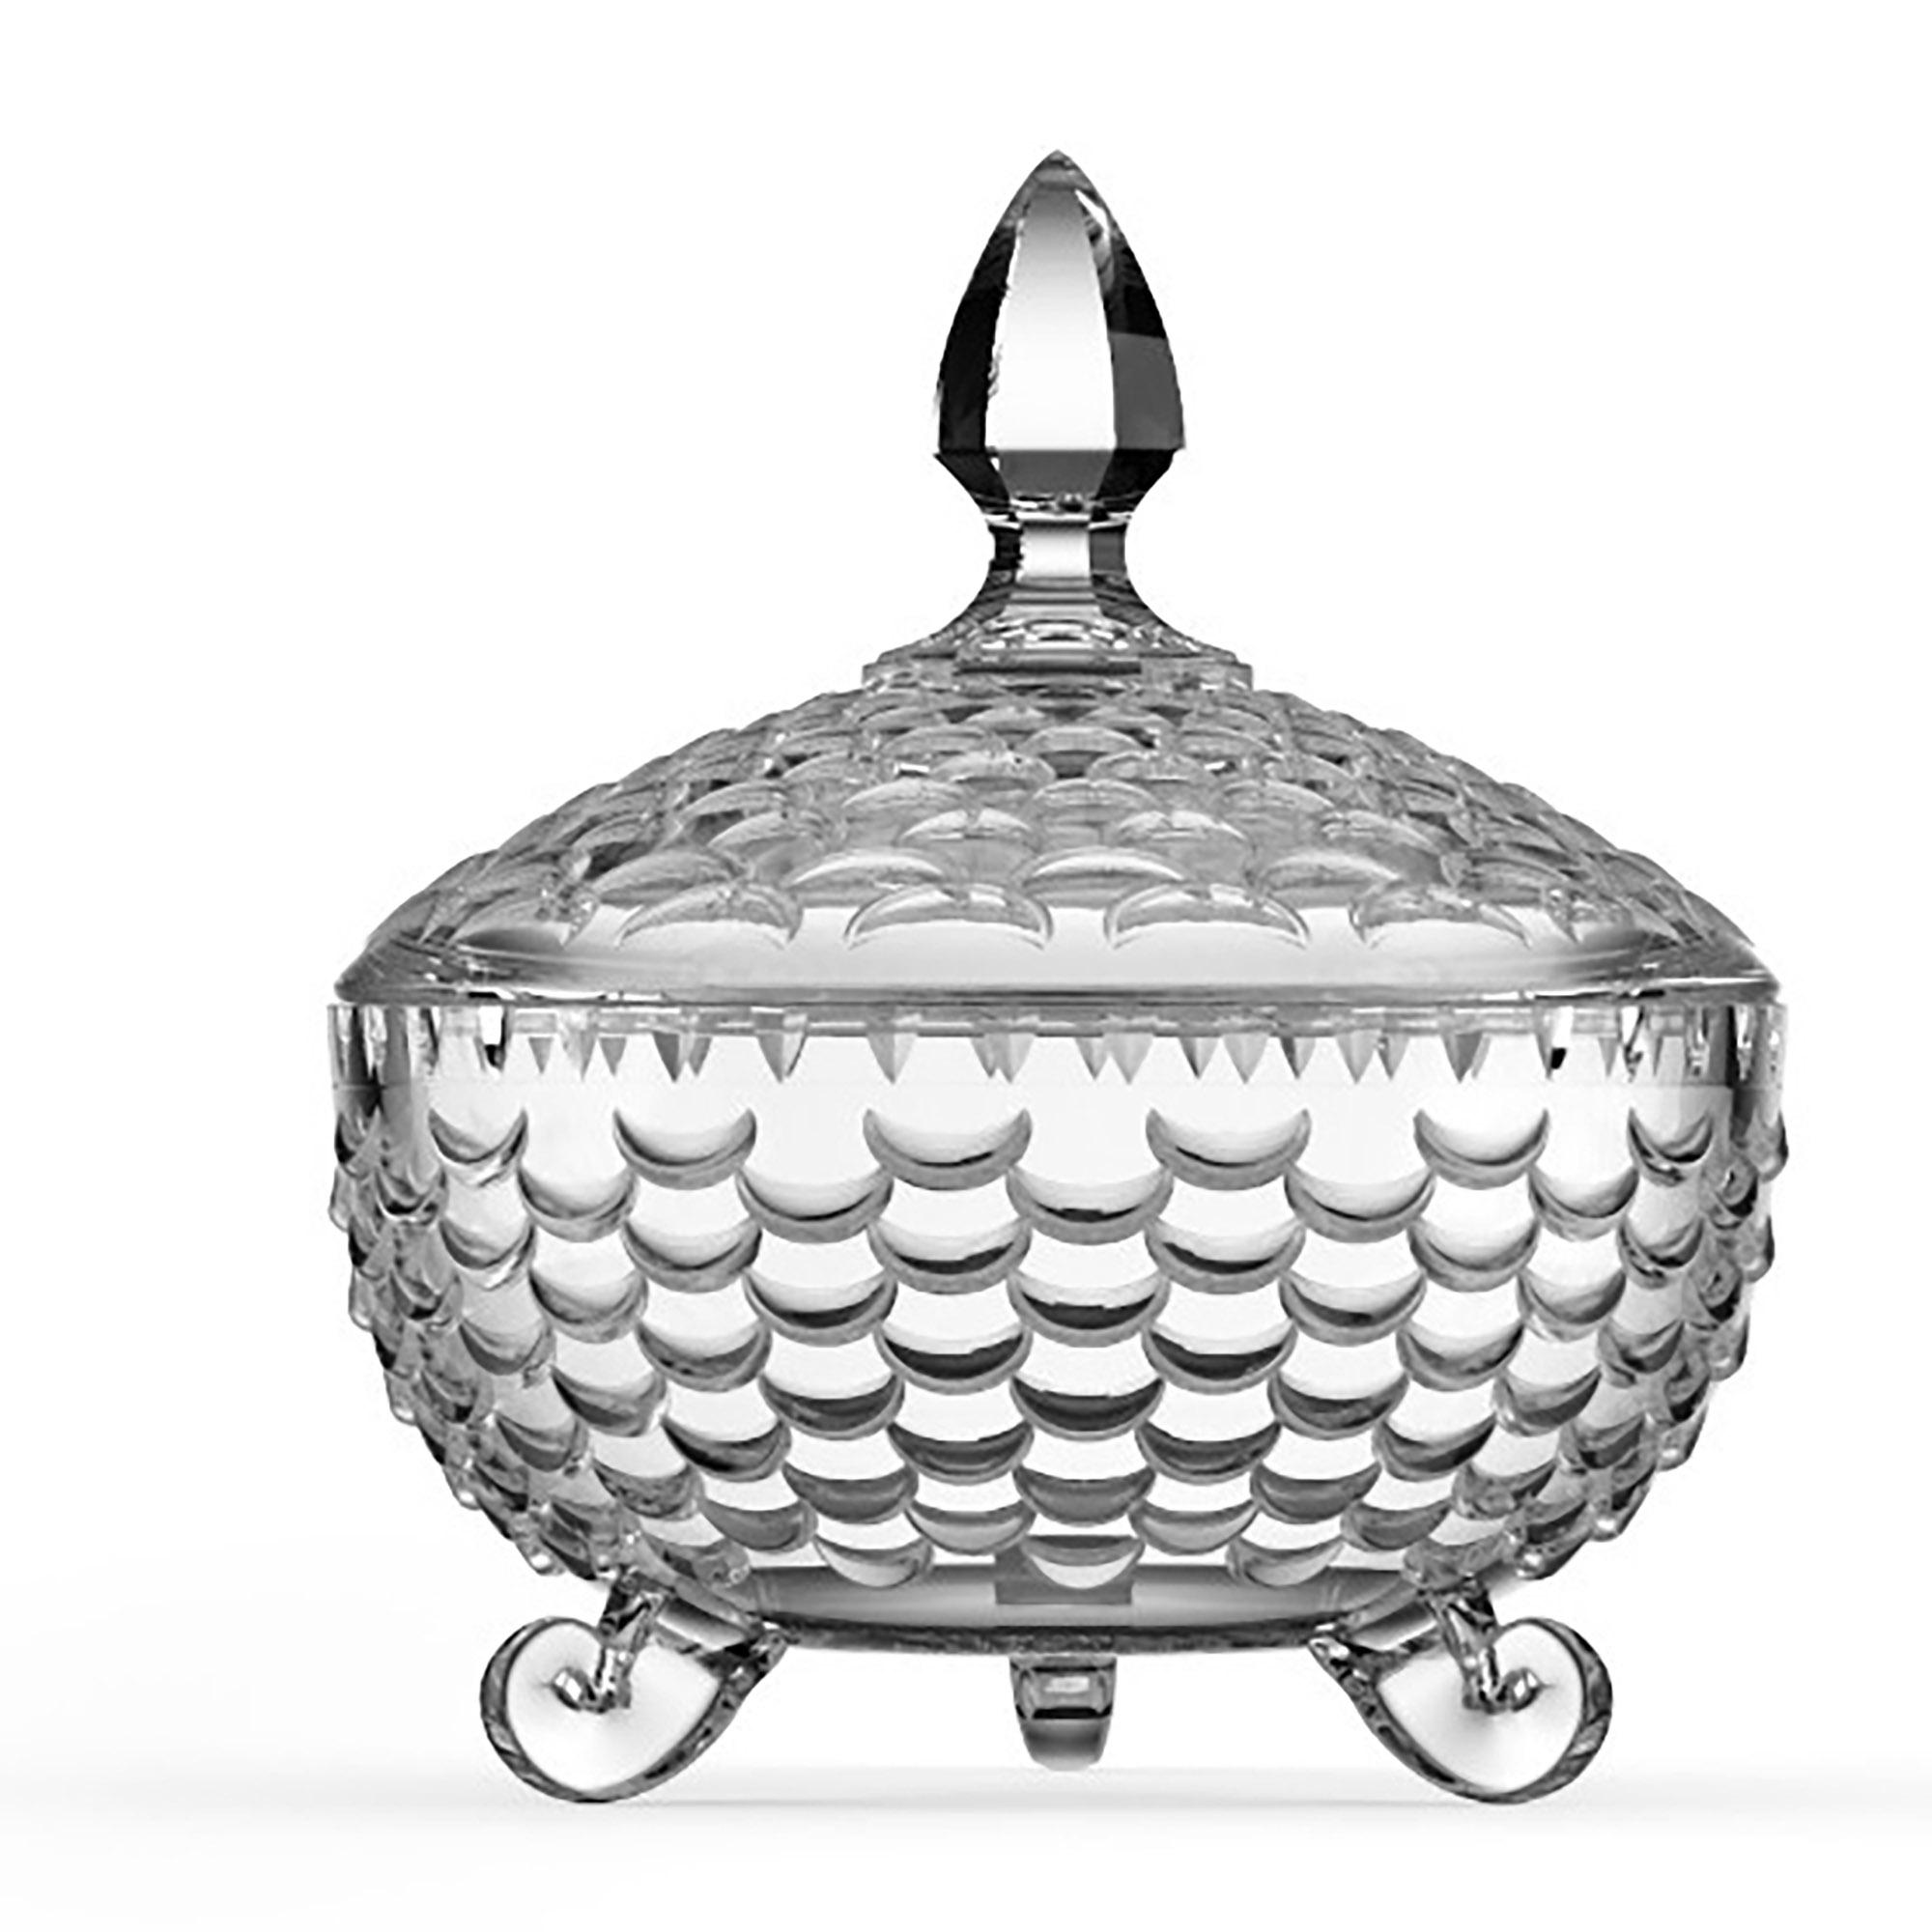 Bomboniere Diamante 770ml - Vidro